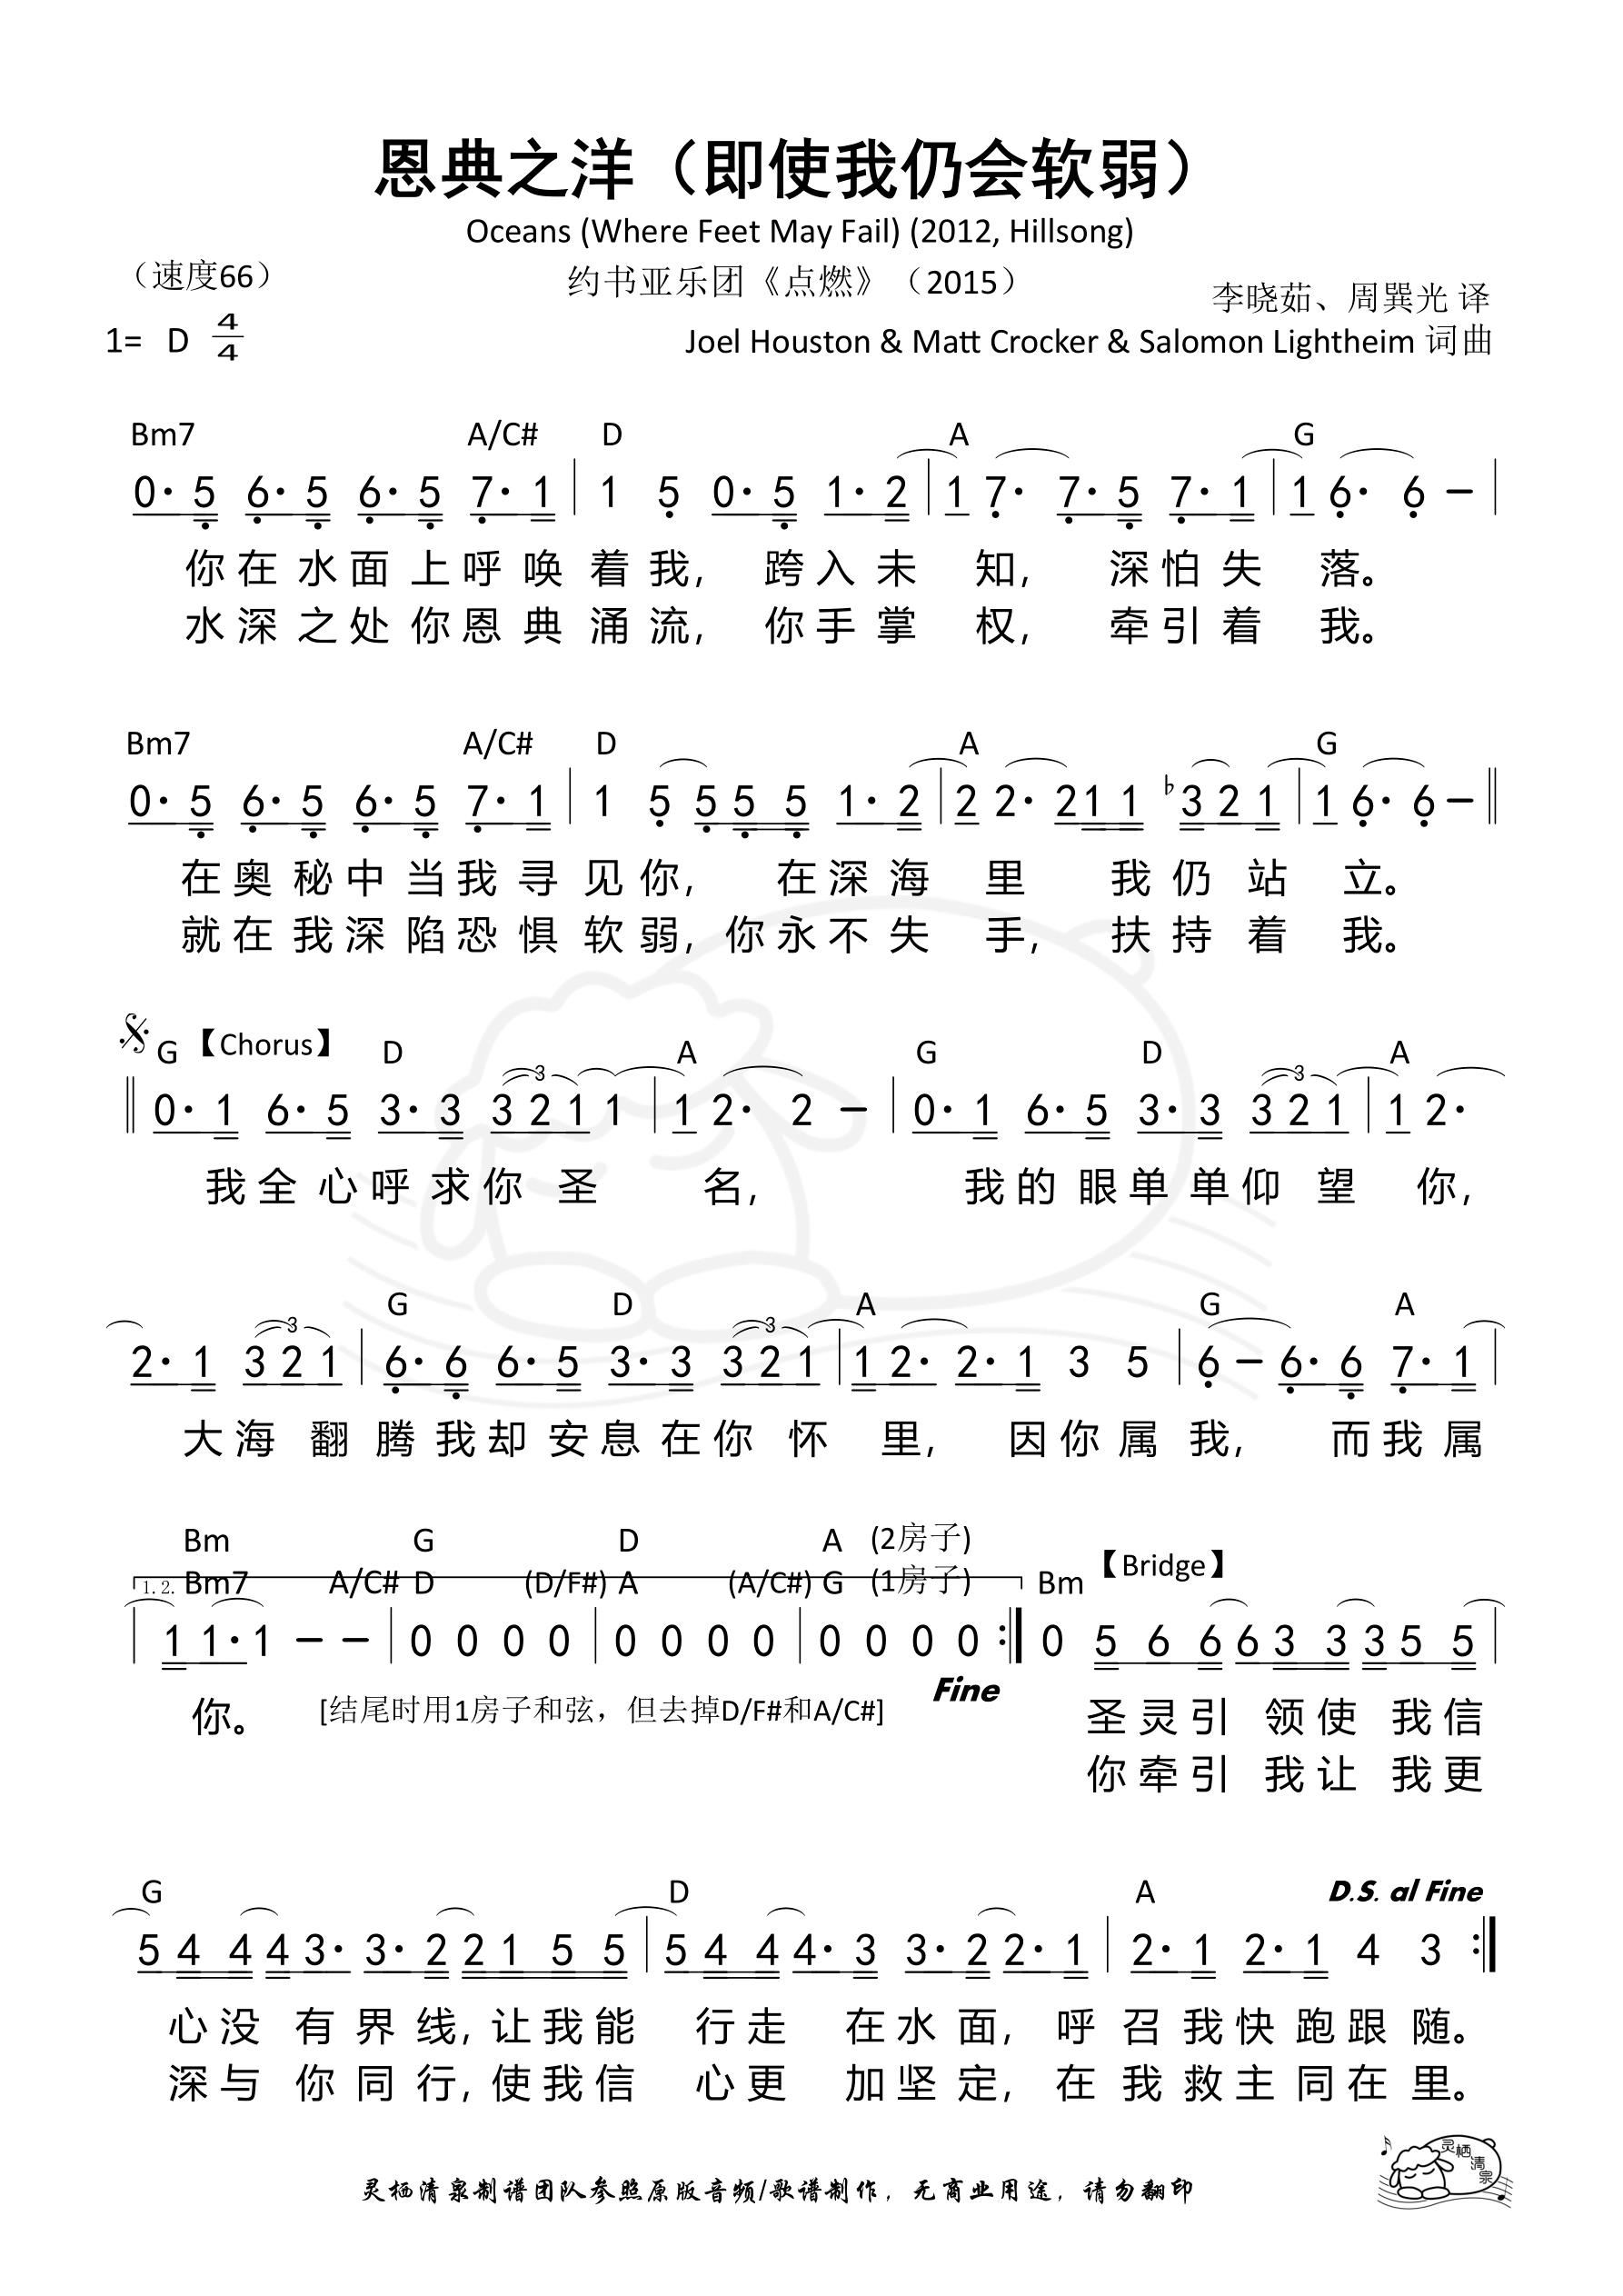 《第121首 - 恩典之洋(即使我仍会软弱)和弦简谱》